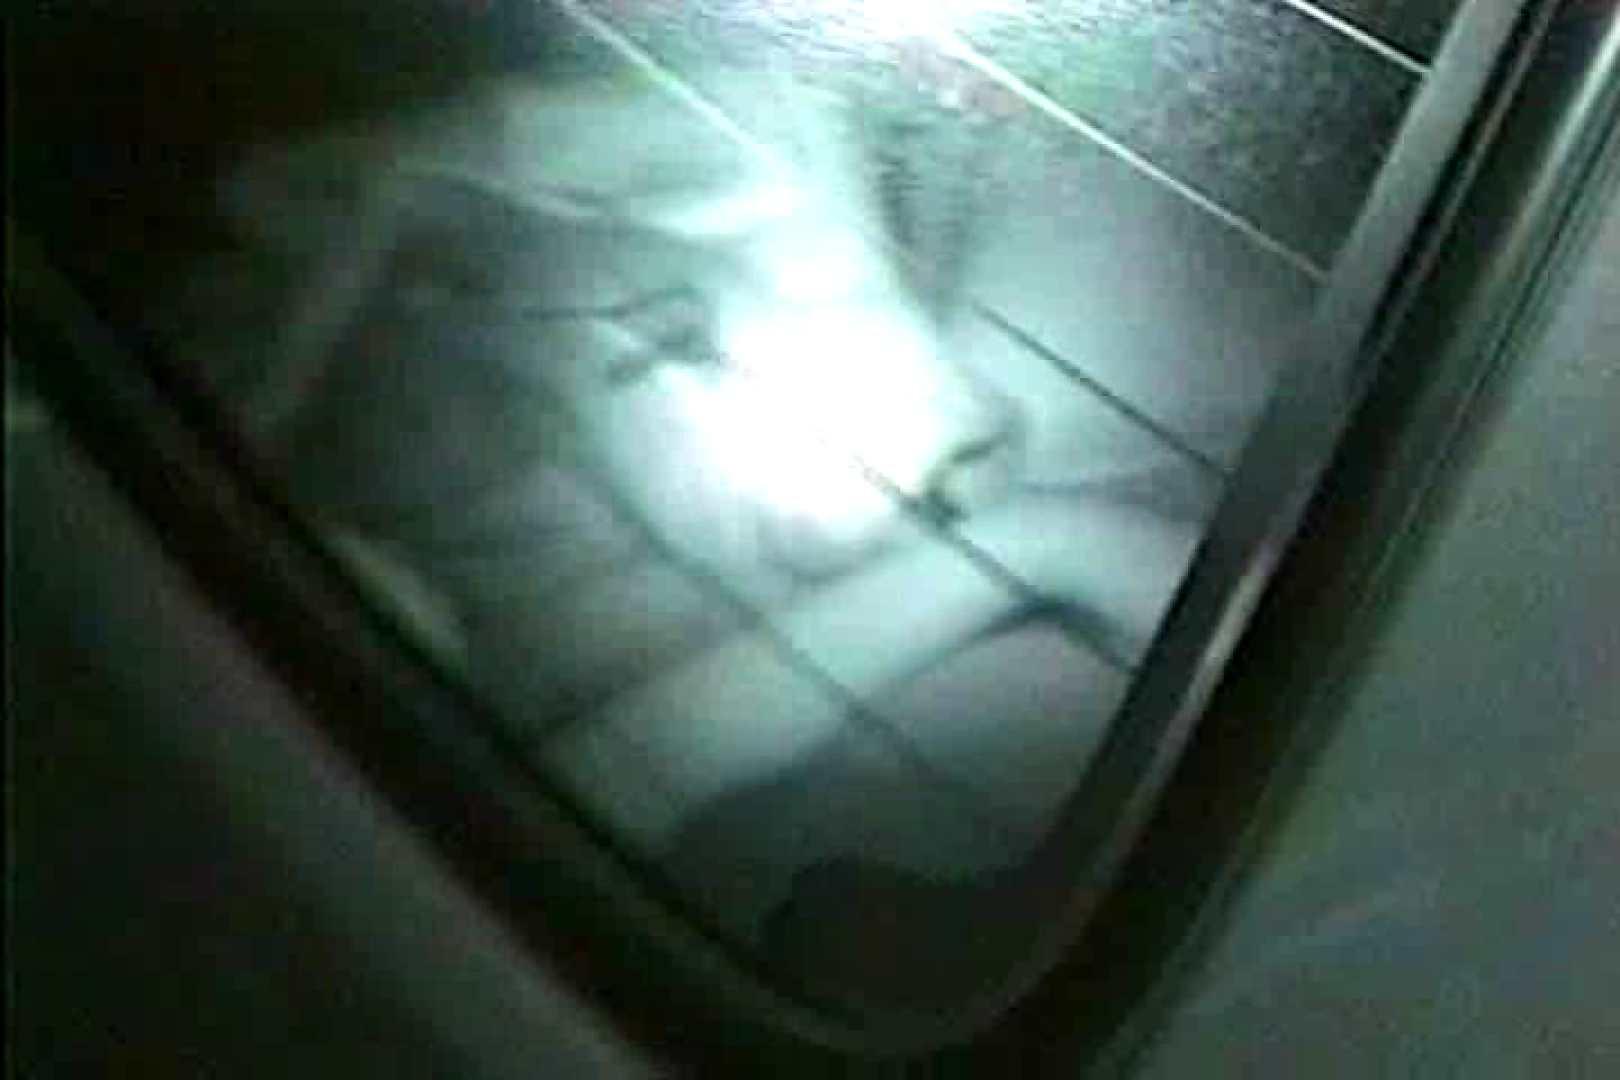 車の中はラブホテル 無修正版  Vol.6 エッチなセックス おまんこ無修正動画無料 89画像 35